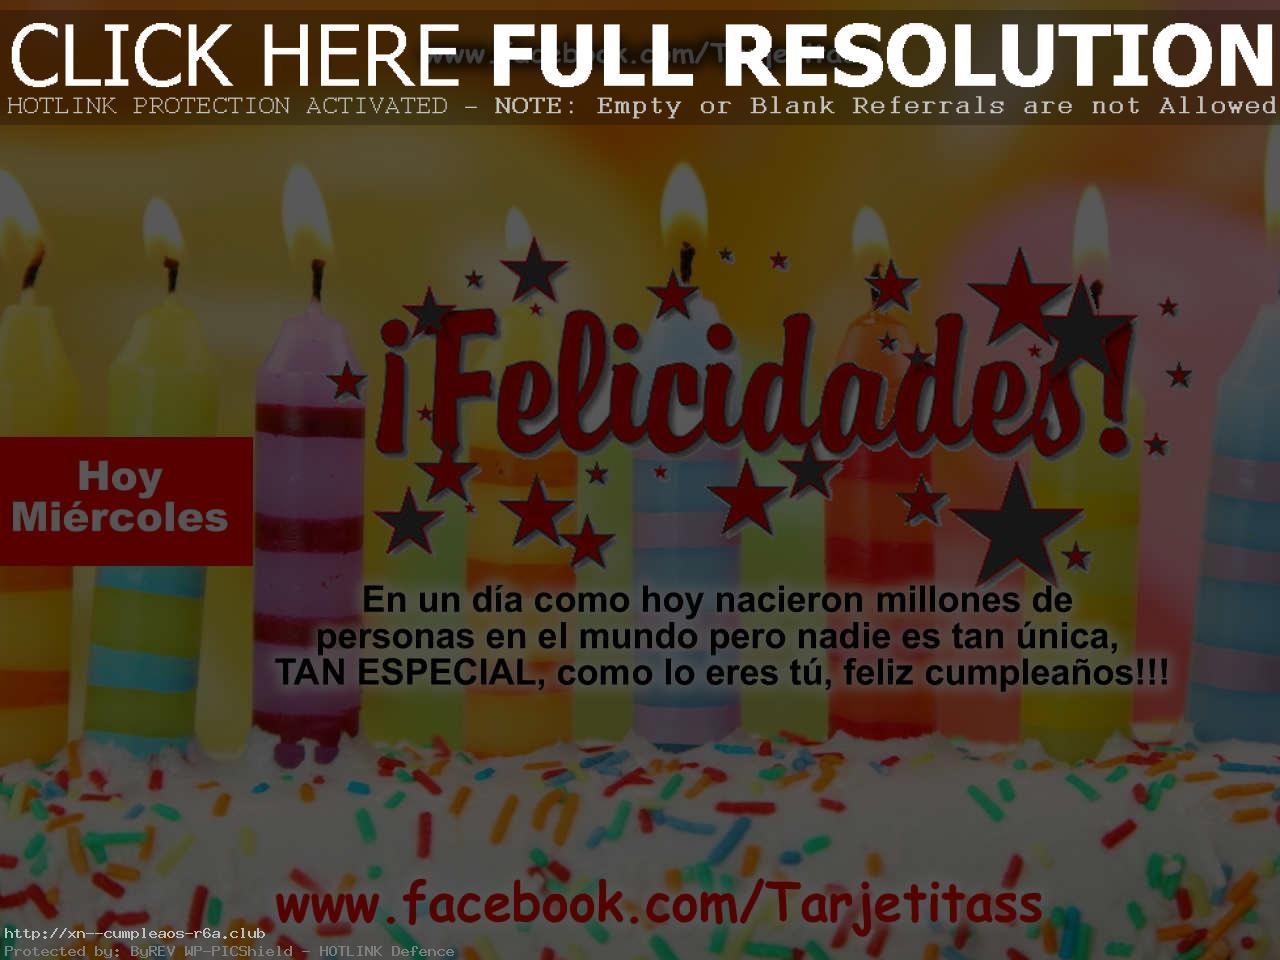 11 Frases Largas bonitas de Feliz Cumpleaños para compartir y dedicar en Google Plus